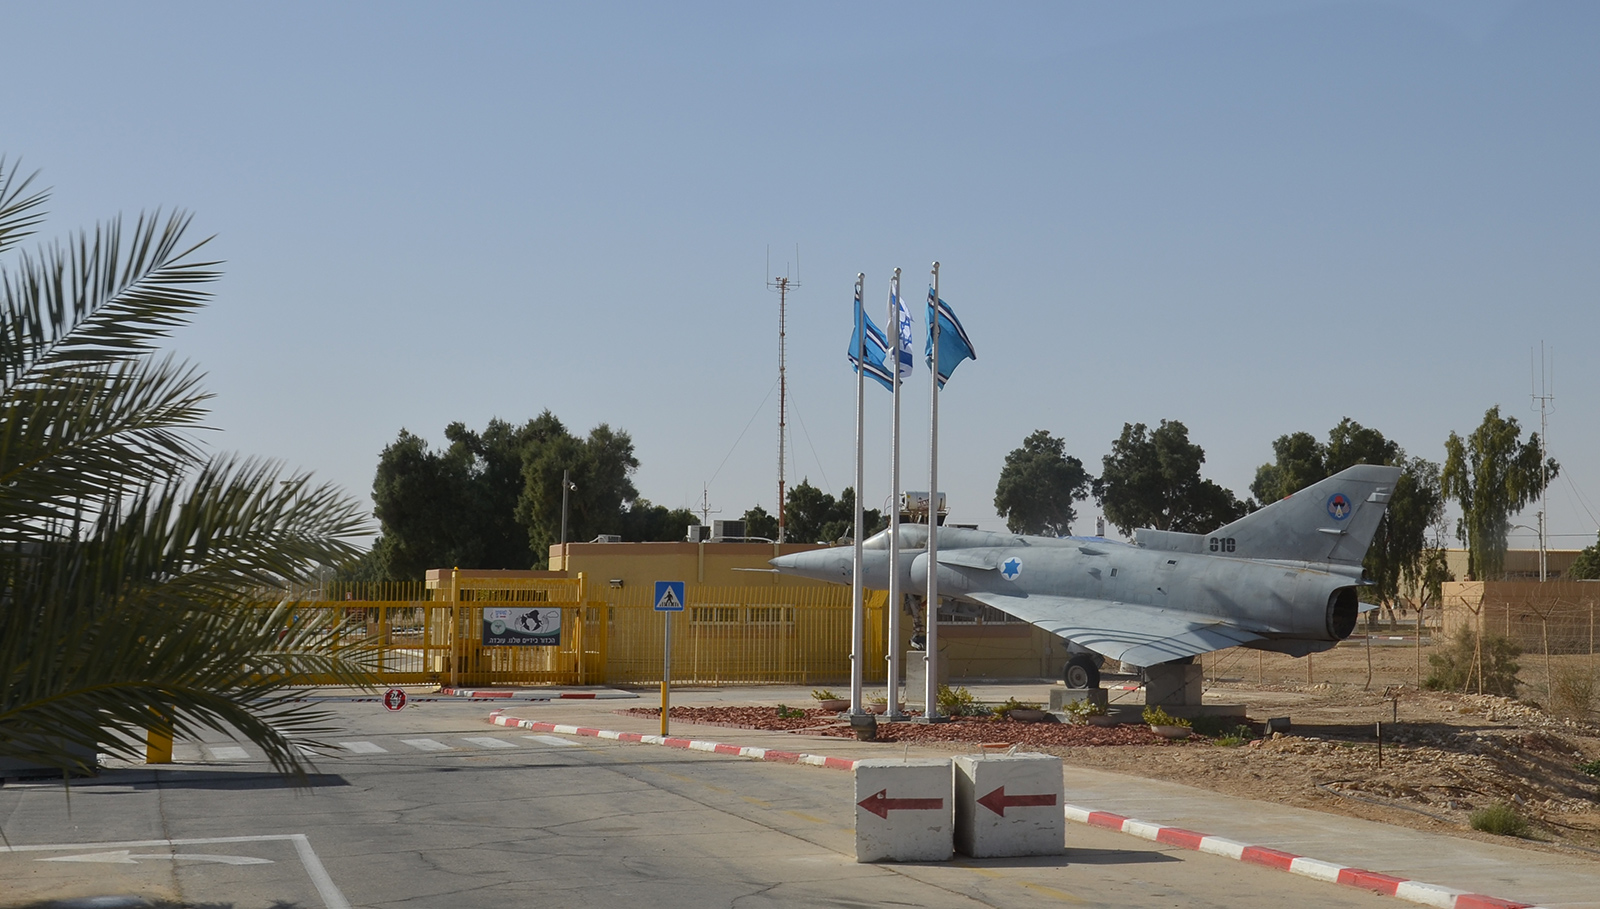 Vchod do letecké základny, Negev, Izrael